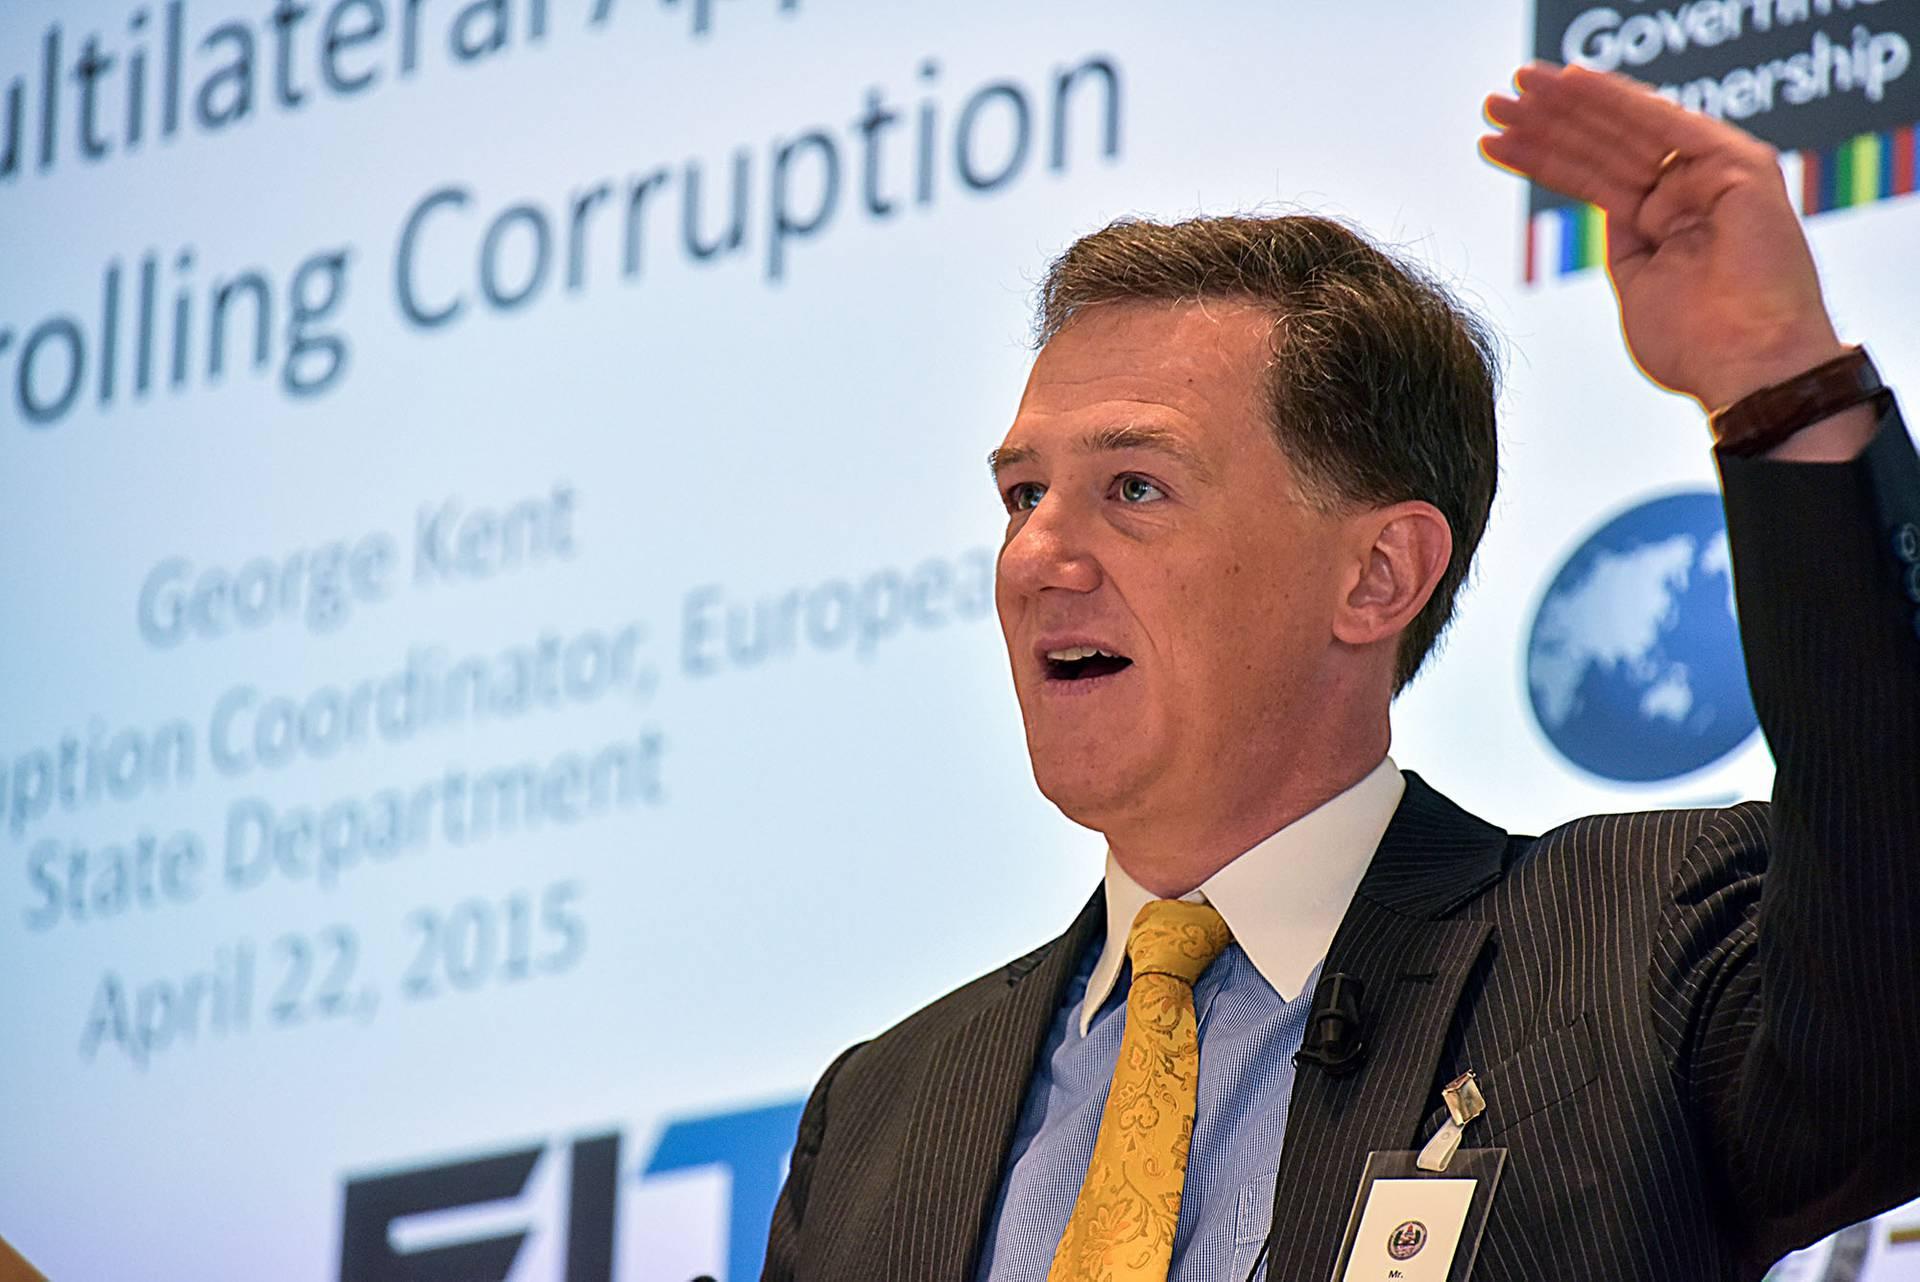 Заместитель помощника Госсекретаря США по вопросам Европы и Евразии Джордж Кент, Германия, 22 апреля 2015